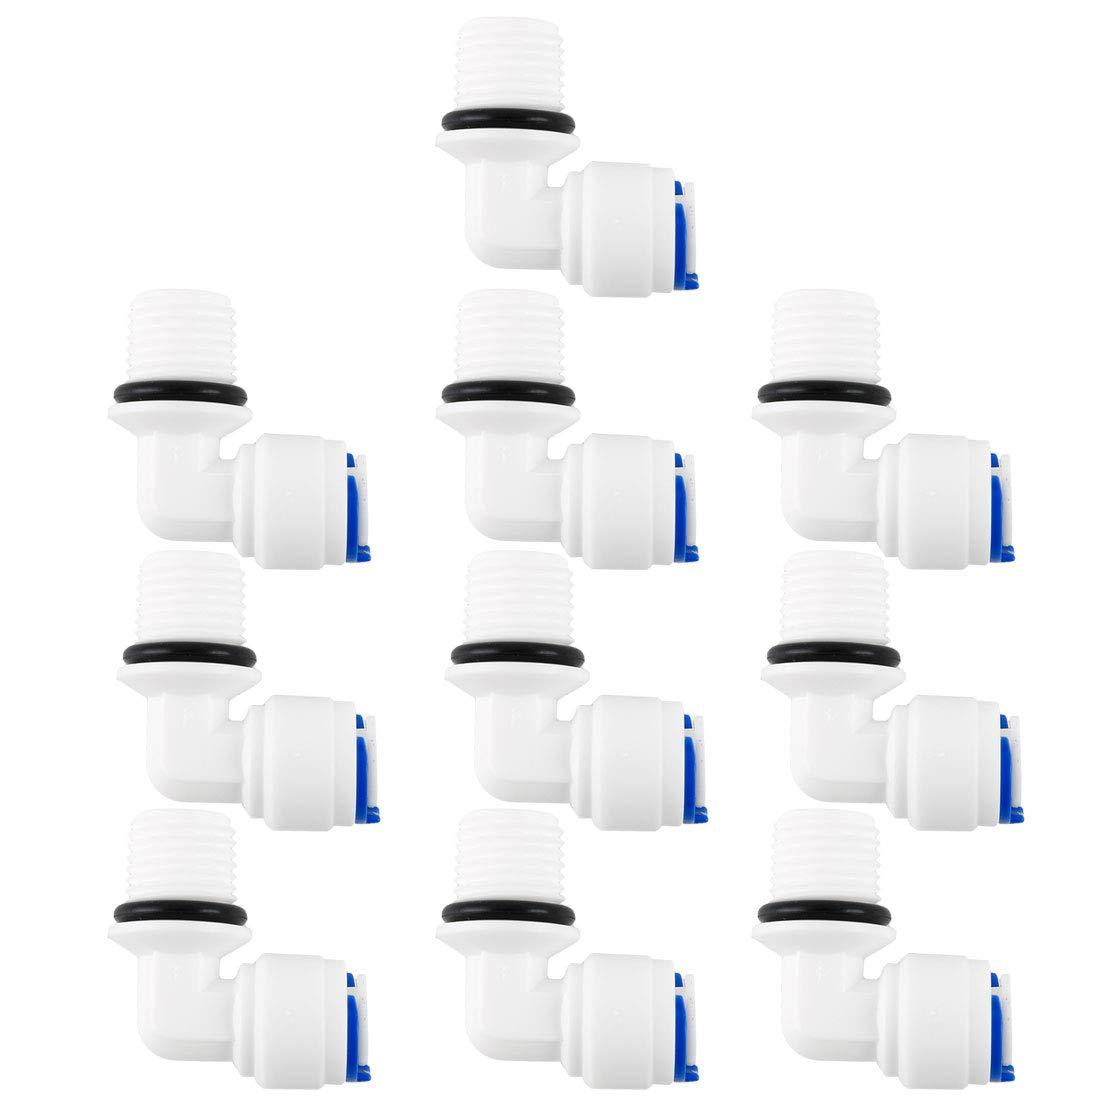 1//4BSP macho 1//4 Tubo OD sourcing map 5uds R/ápida Conexi/ón Agua Purificador Tubos Montaje Empuje Conectores Agua Manguera Junta para RO Inversa /Ósmosis Sistema Codo